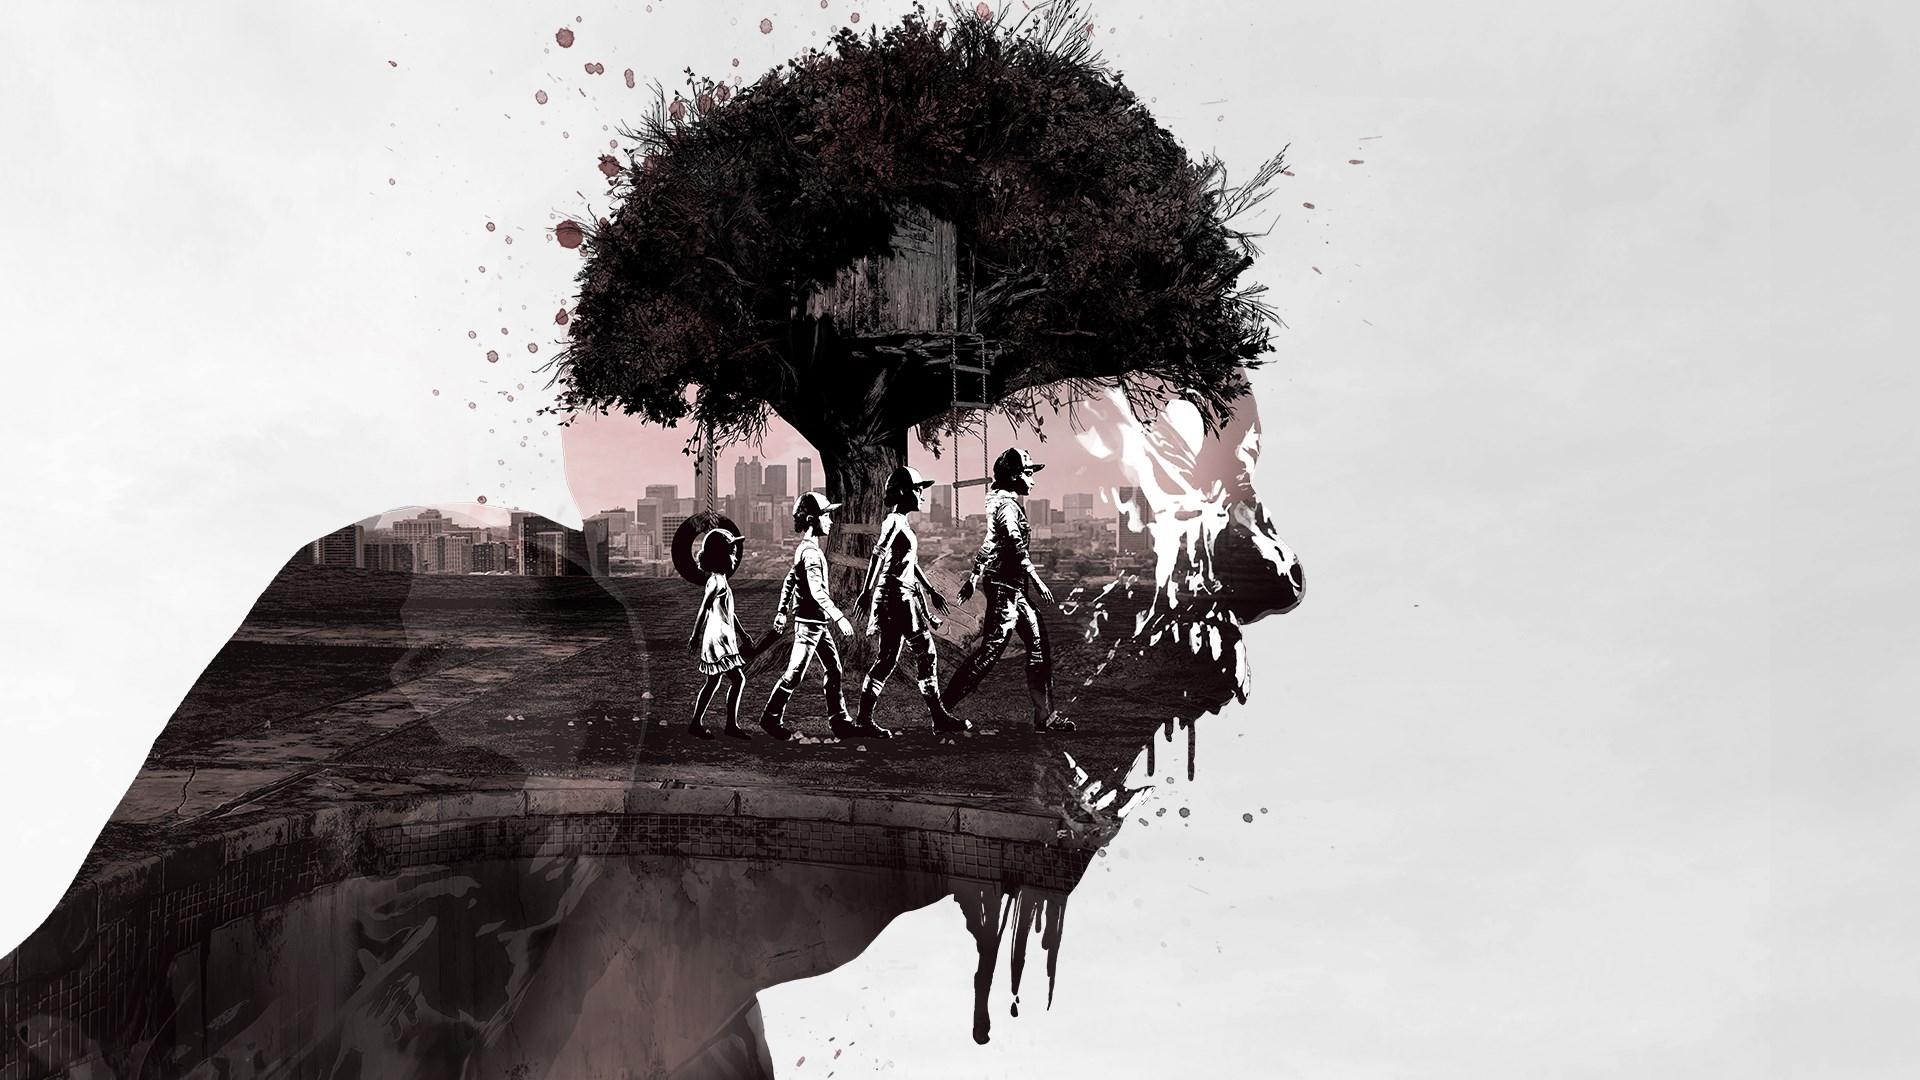 The Walking Dead The Telltale Definitive Series Wallpaper